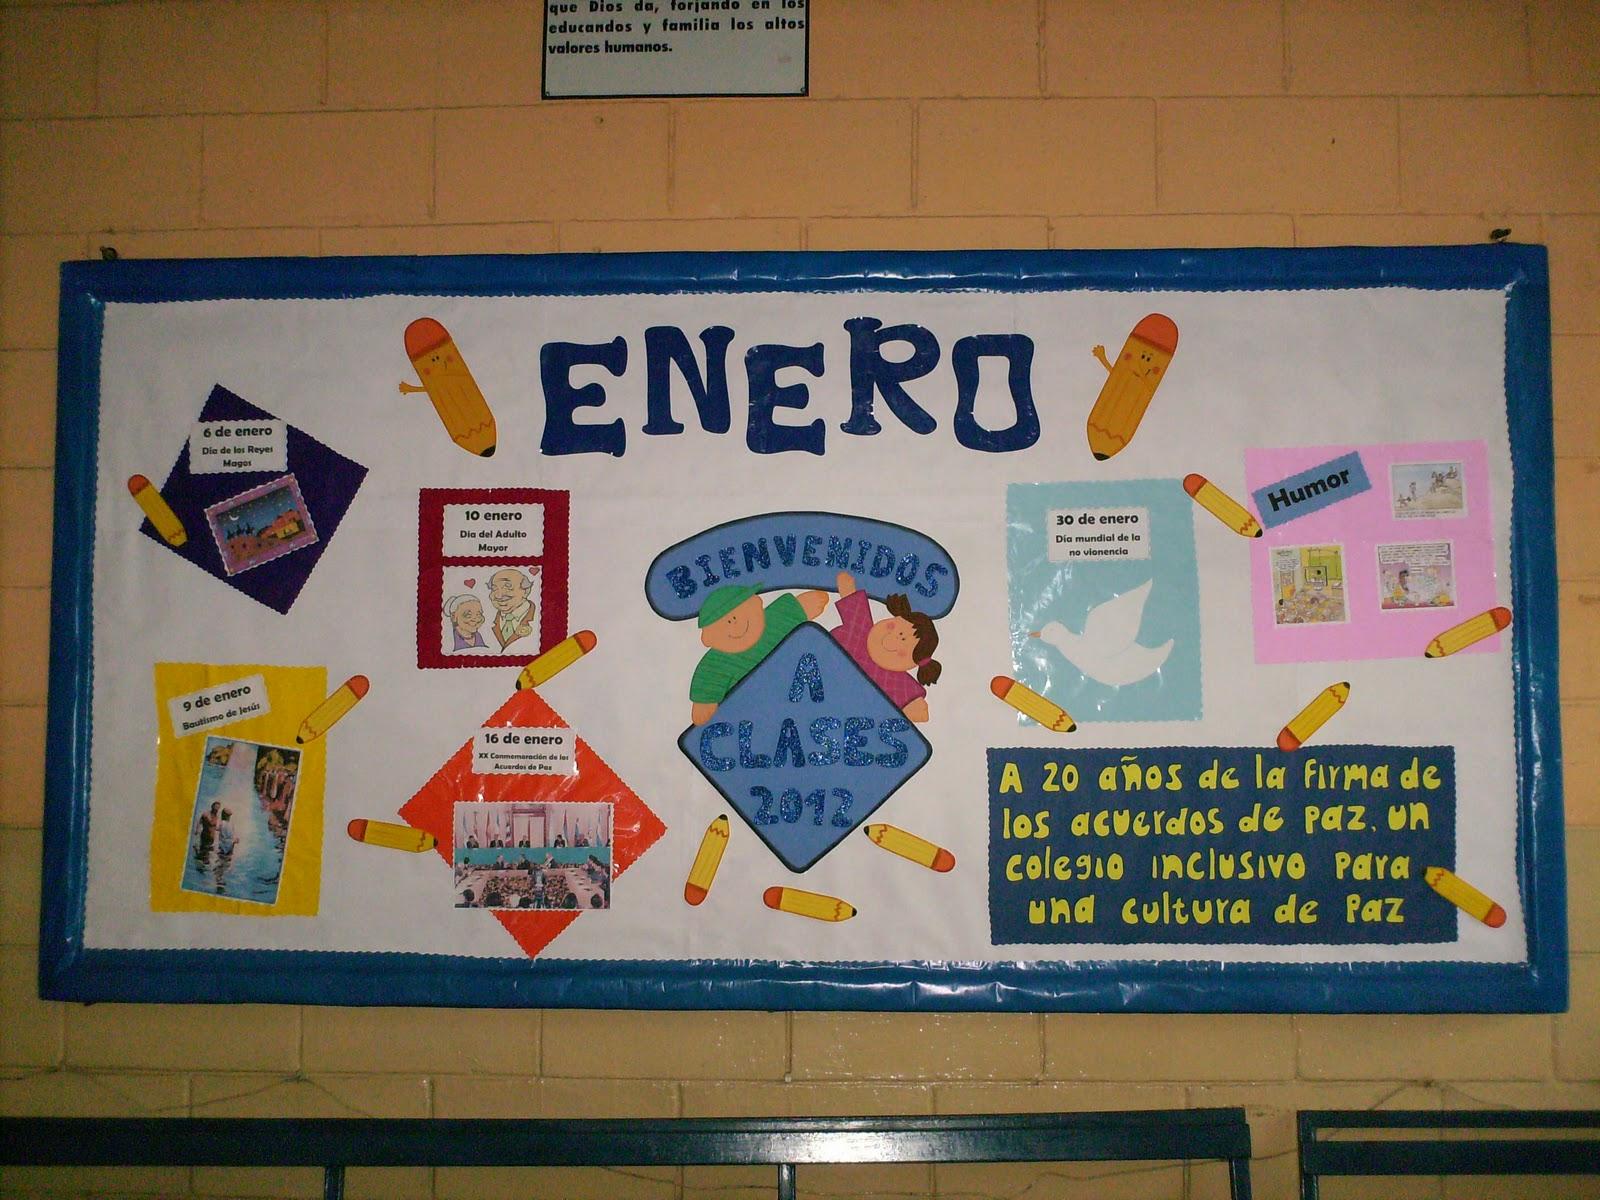 Periodico mura Enero (2) - Imagenes Educativas